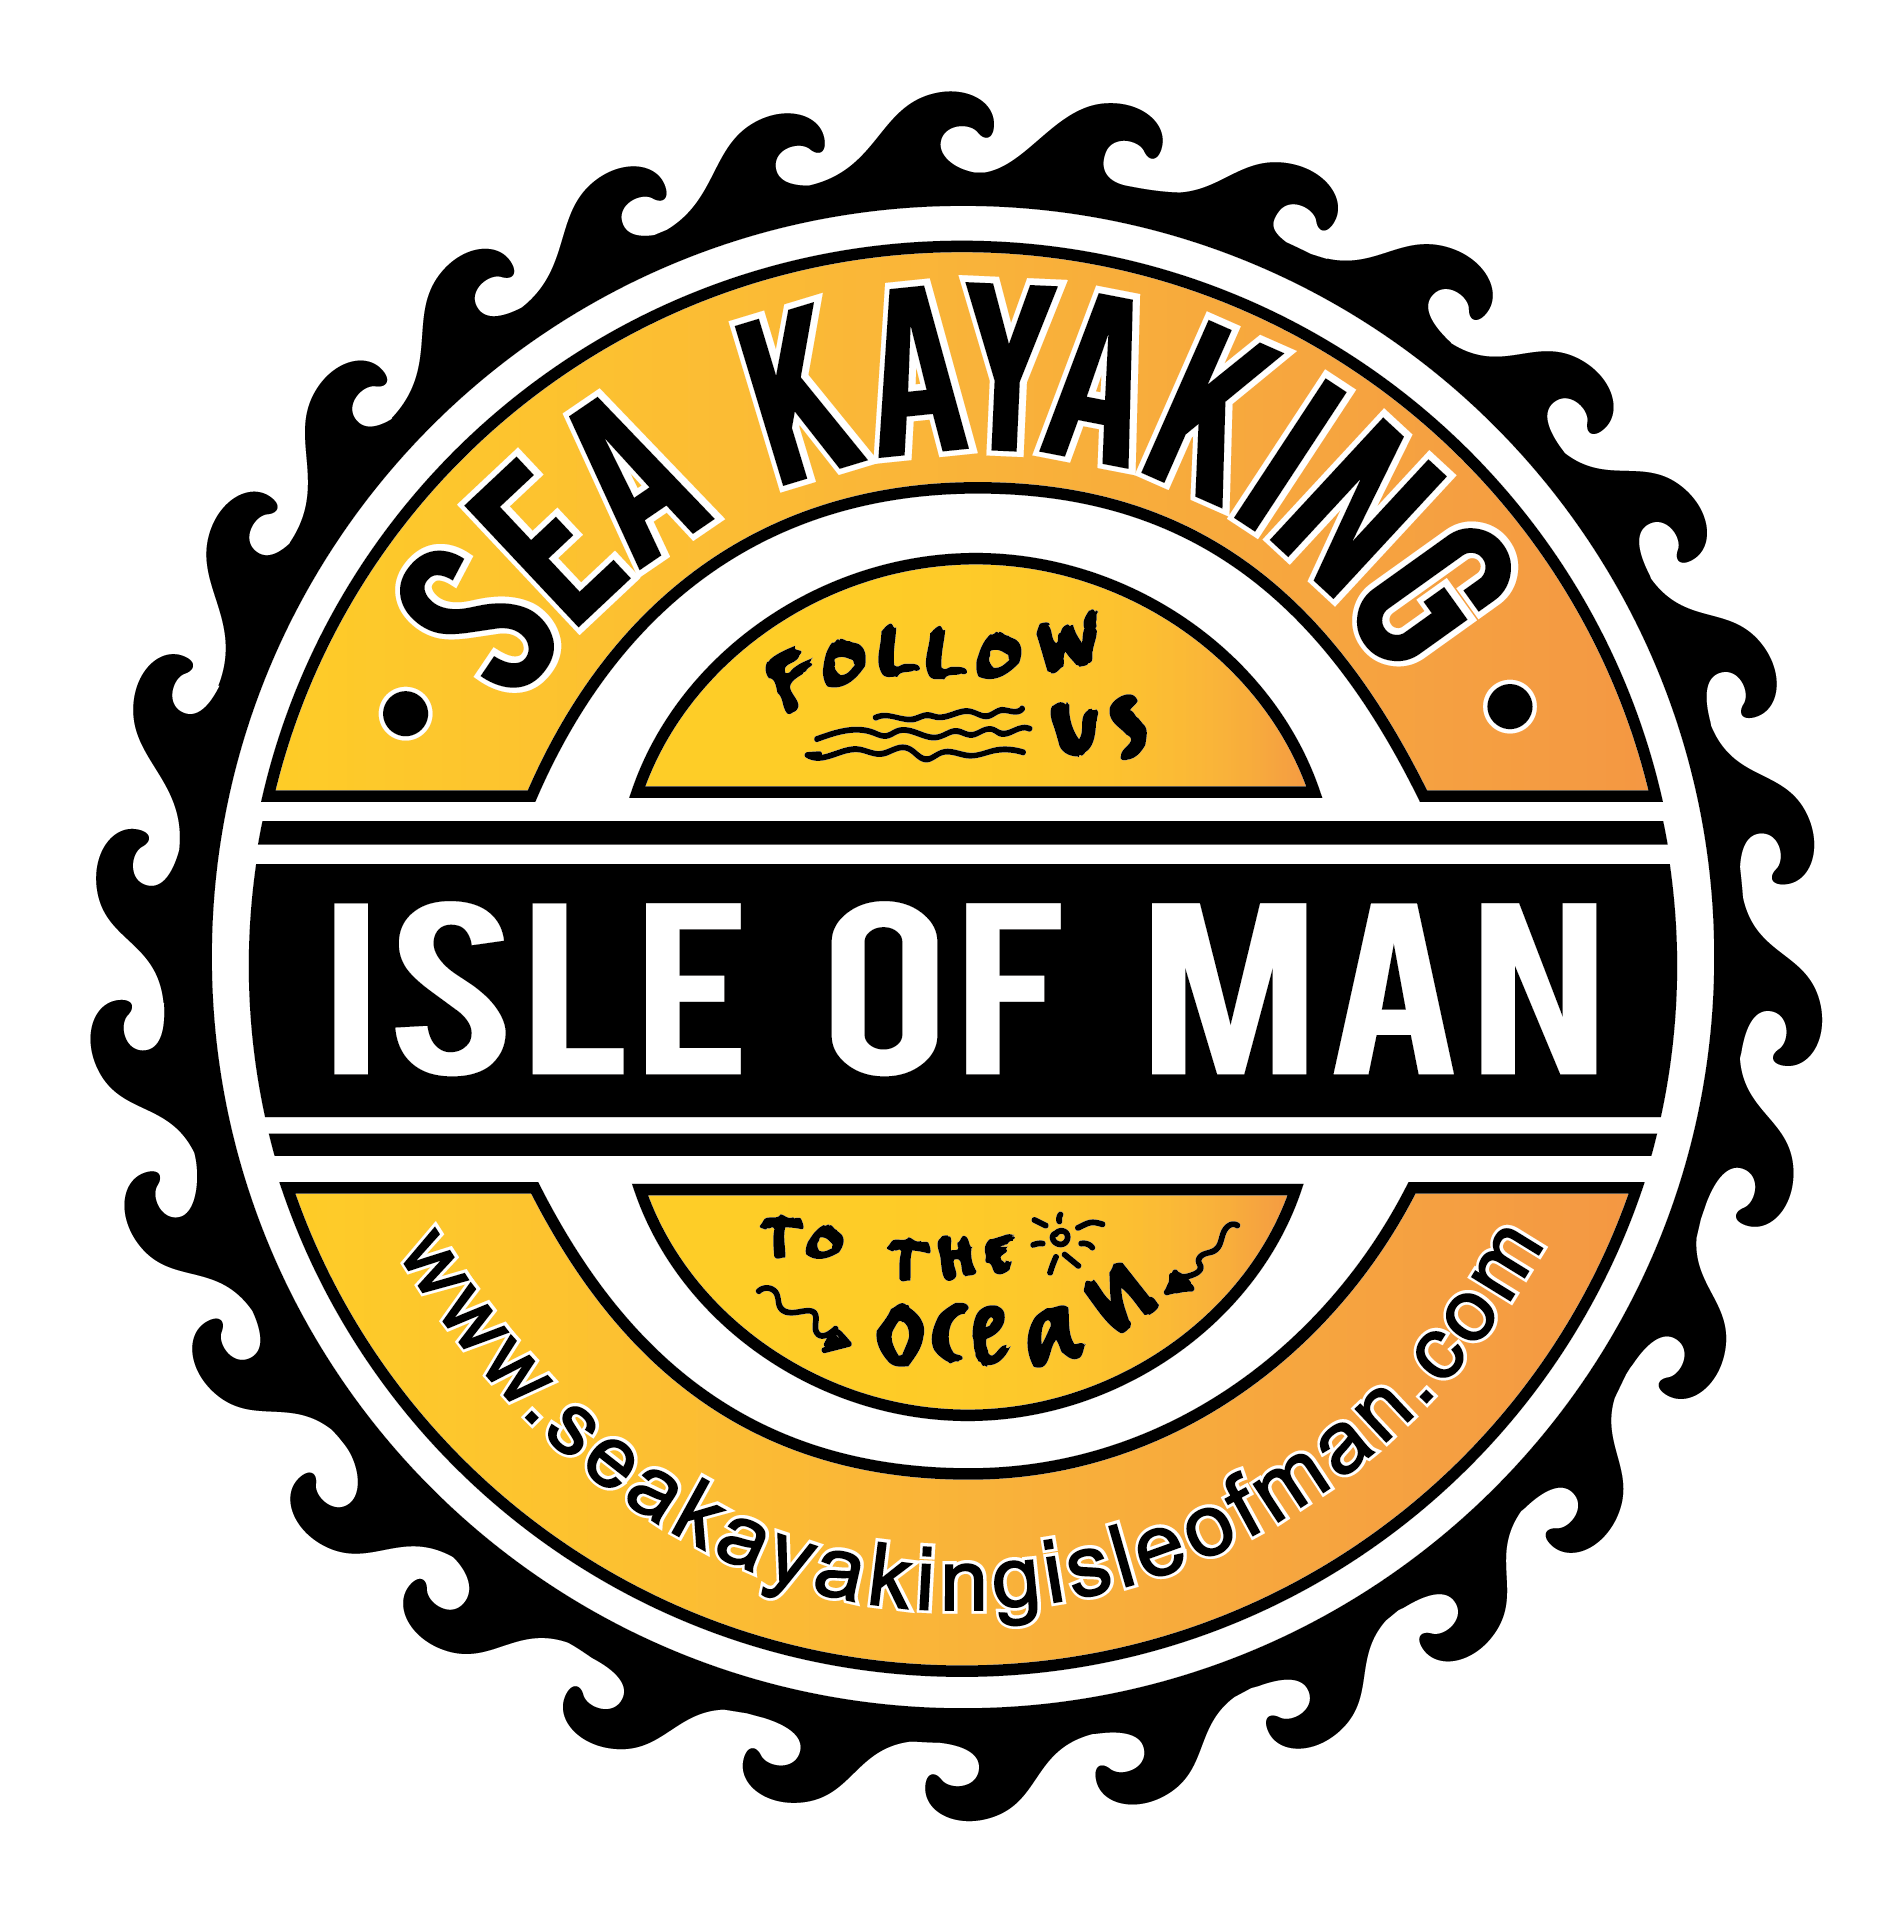 Sea Kayaking – Isle of Man